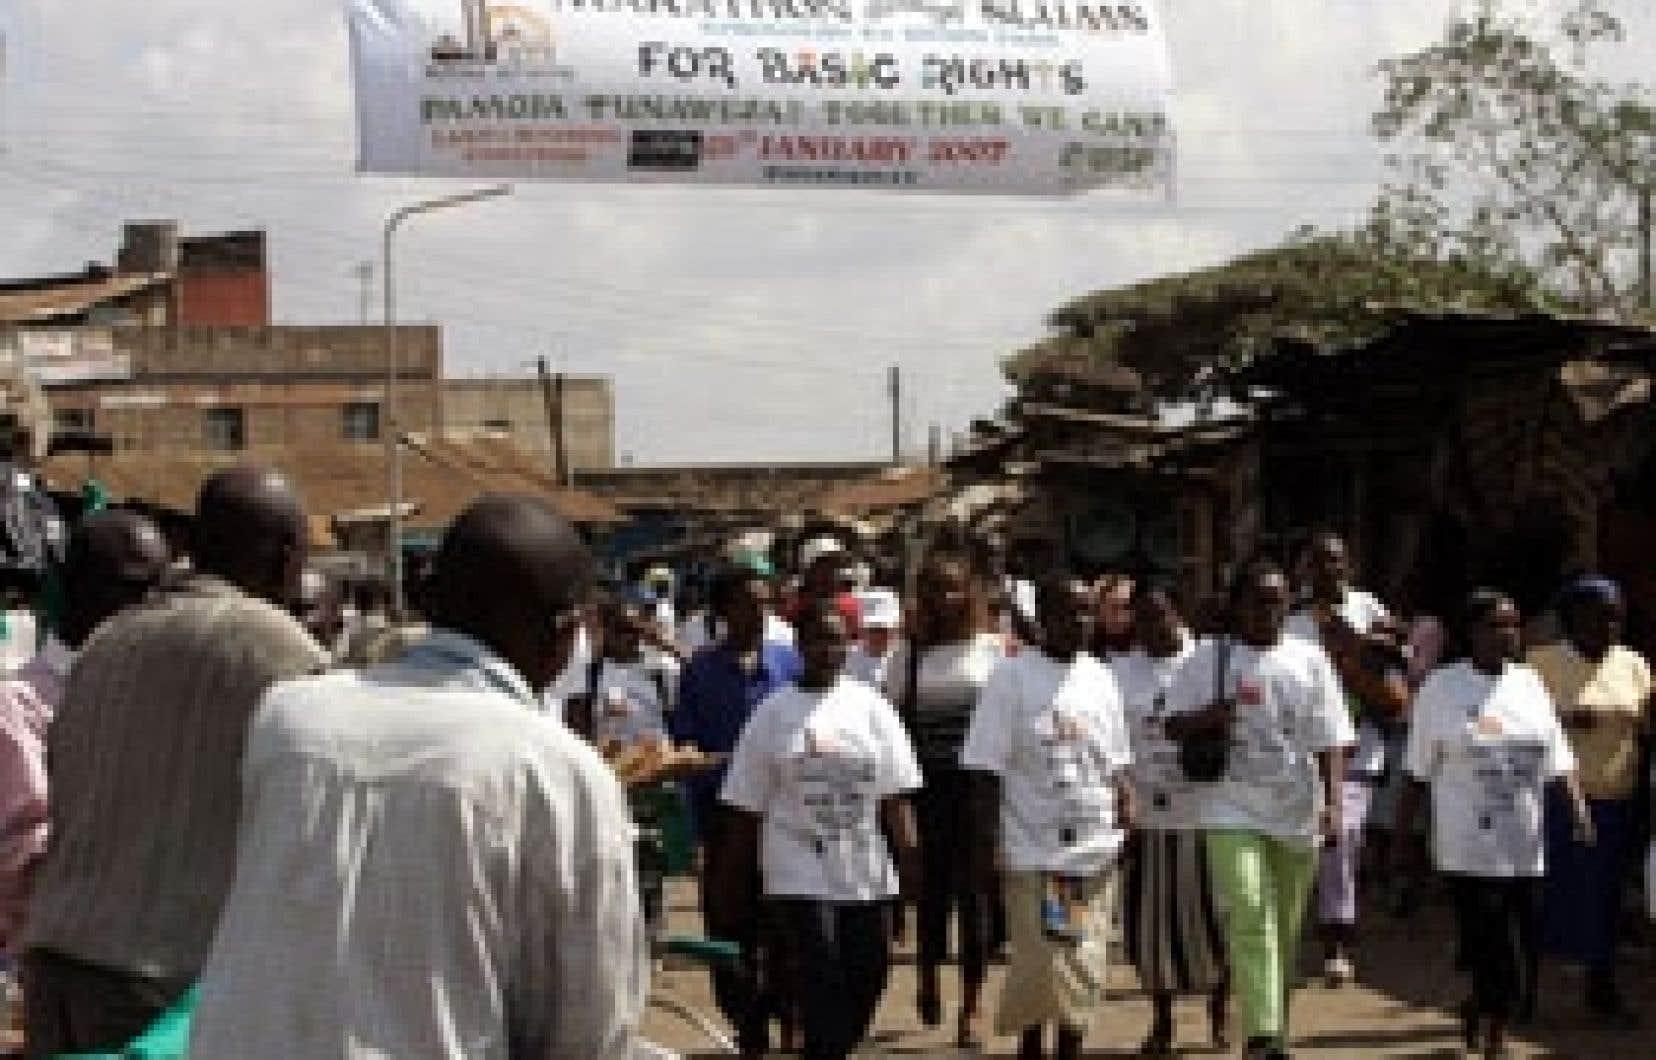 Des participants au Forum social mondial de Nairobi, au Kenya, manifestent dans une rue du bidonville de Korogocho, en banlieu de la capitale.